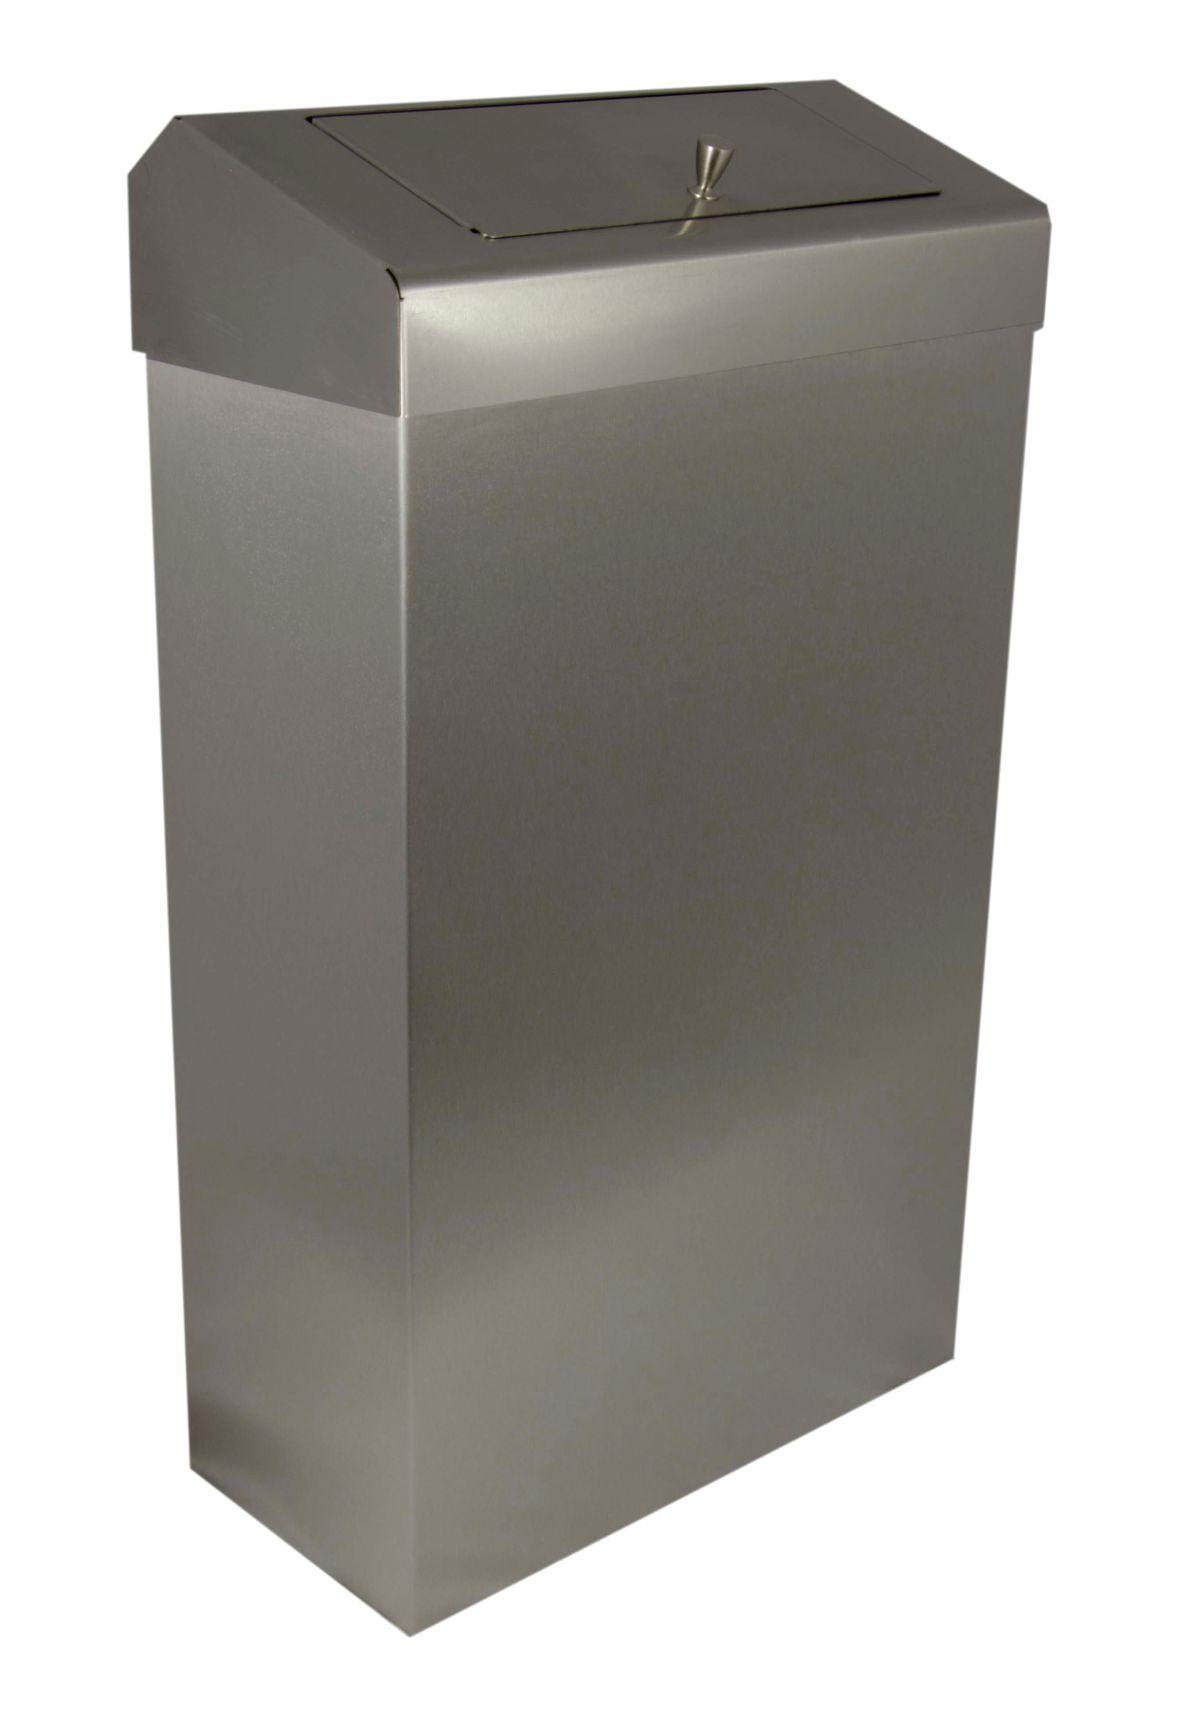 Slim stainless steel sanitary waste bin pl72mbs - Slimline waste bin ...